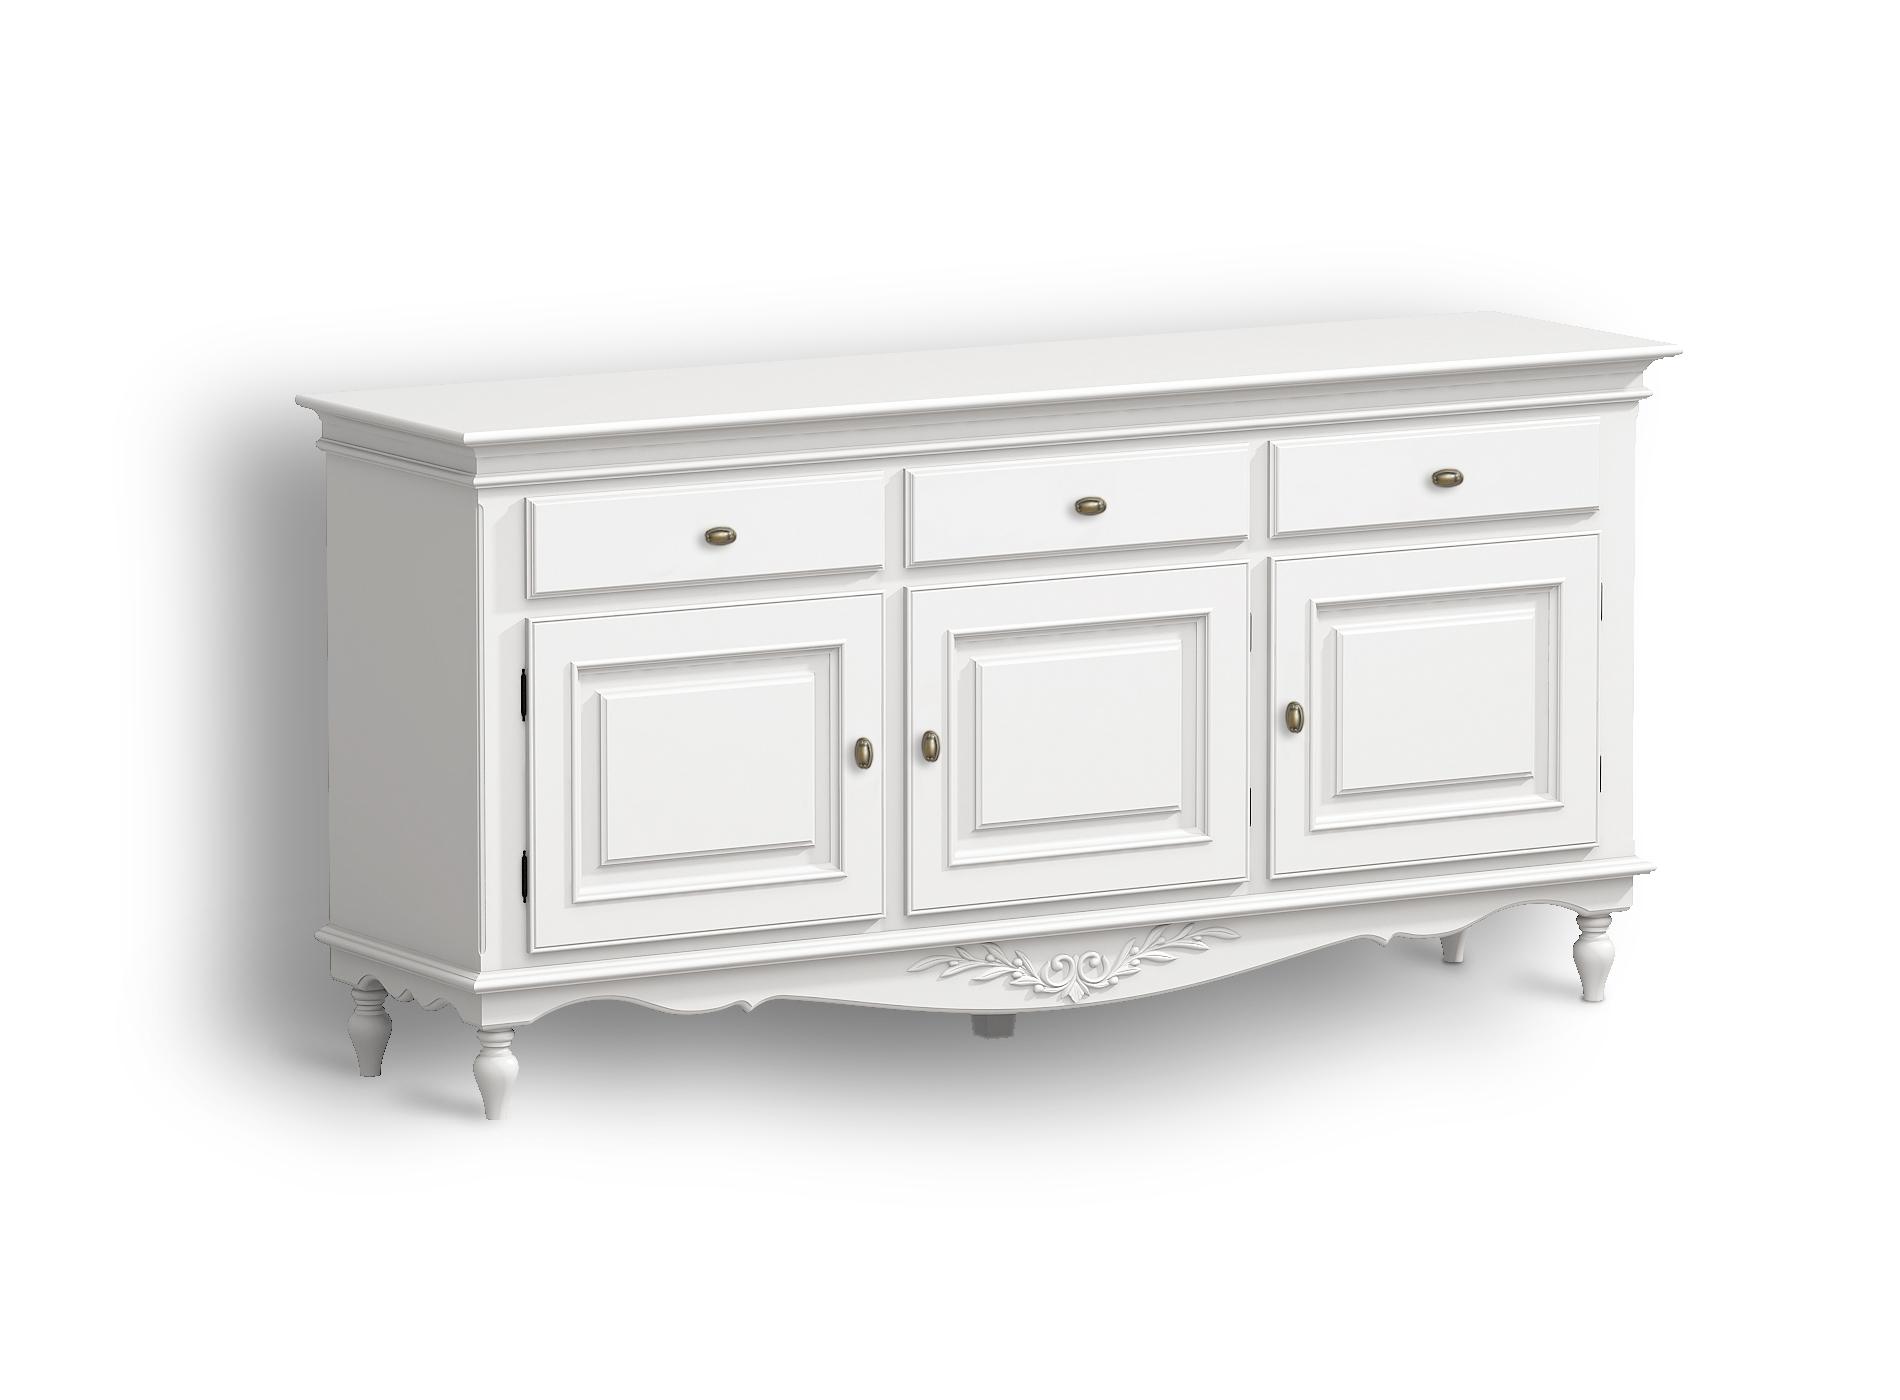 Буфет белый Снежный ПровансНизкие буфеты<br>Белая мебель Прованс для гостиной, спальни, столовой, кабинета отлично впишется в Ваш загородный дом. Белая высококачественная мебель &amp;quot;Снежный Прованс&amp;quot; также может послужить в качестве обстановки детской комнаты подростка. Это функциональная удобная мебель европейского качества. Коллекция изготовлена из массива бука (каркасы и точеные элементы мебели) и из высококачественного МДФ (филенчатые части) и соответствует немецким стандартам для детской мебели.<br>Мебель &amp;quot;Снежный Прованс&amp;quot; имеет плавные изогнутые формы и украшена потертым вручную декором в виде оливковой ветви.<br><br>Material: Бук<br>Length см: None<br>Width см: 190<br>Depth см: 48<br>Height см: 92<br>Diameter см: None